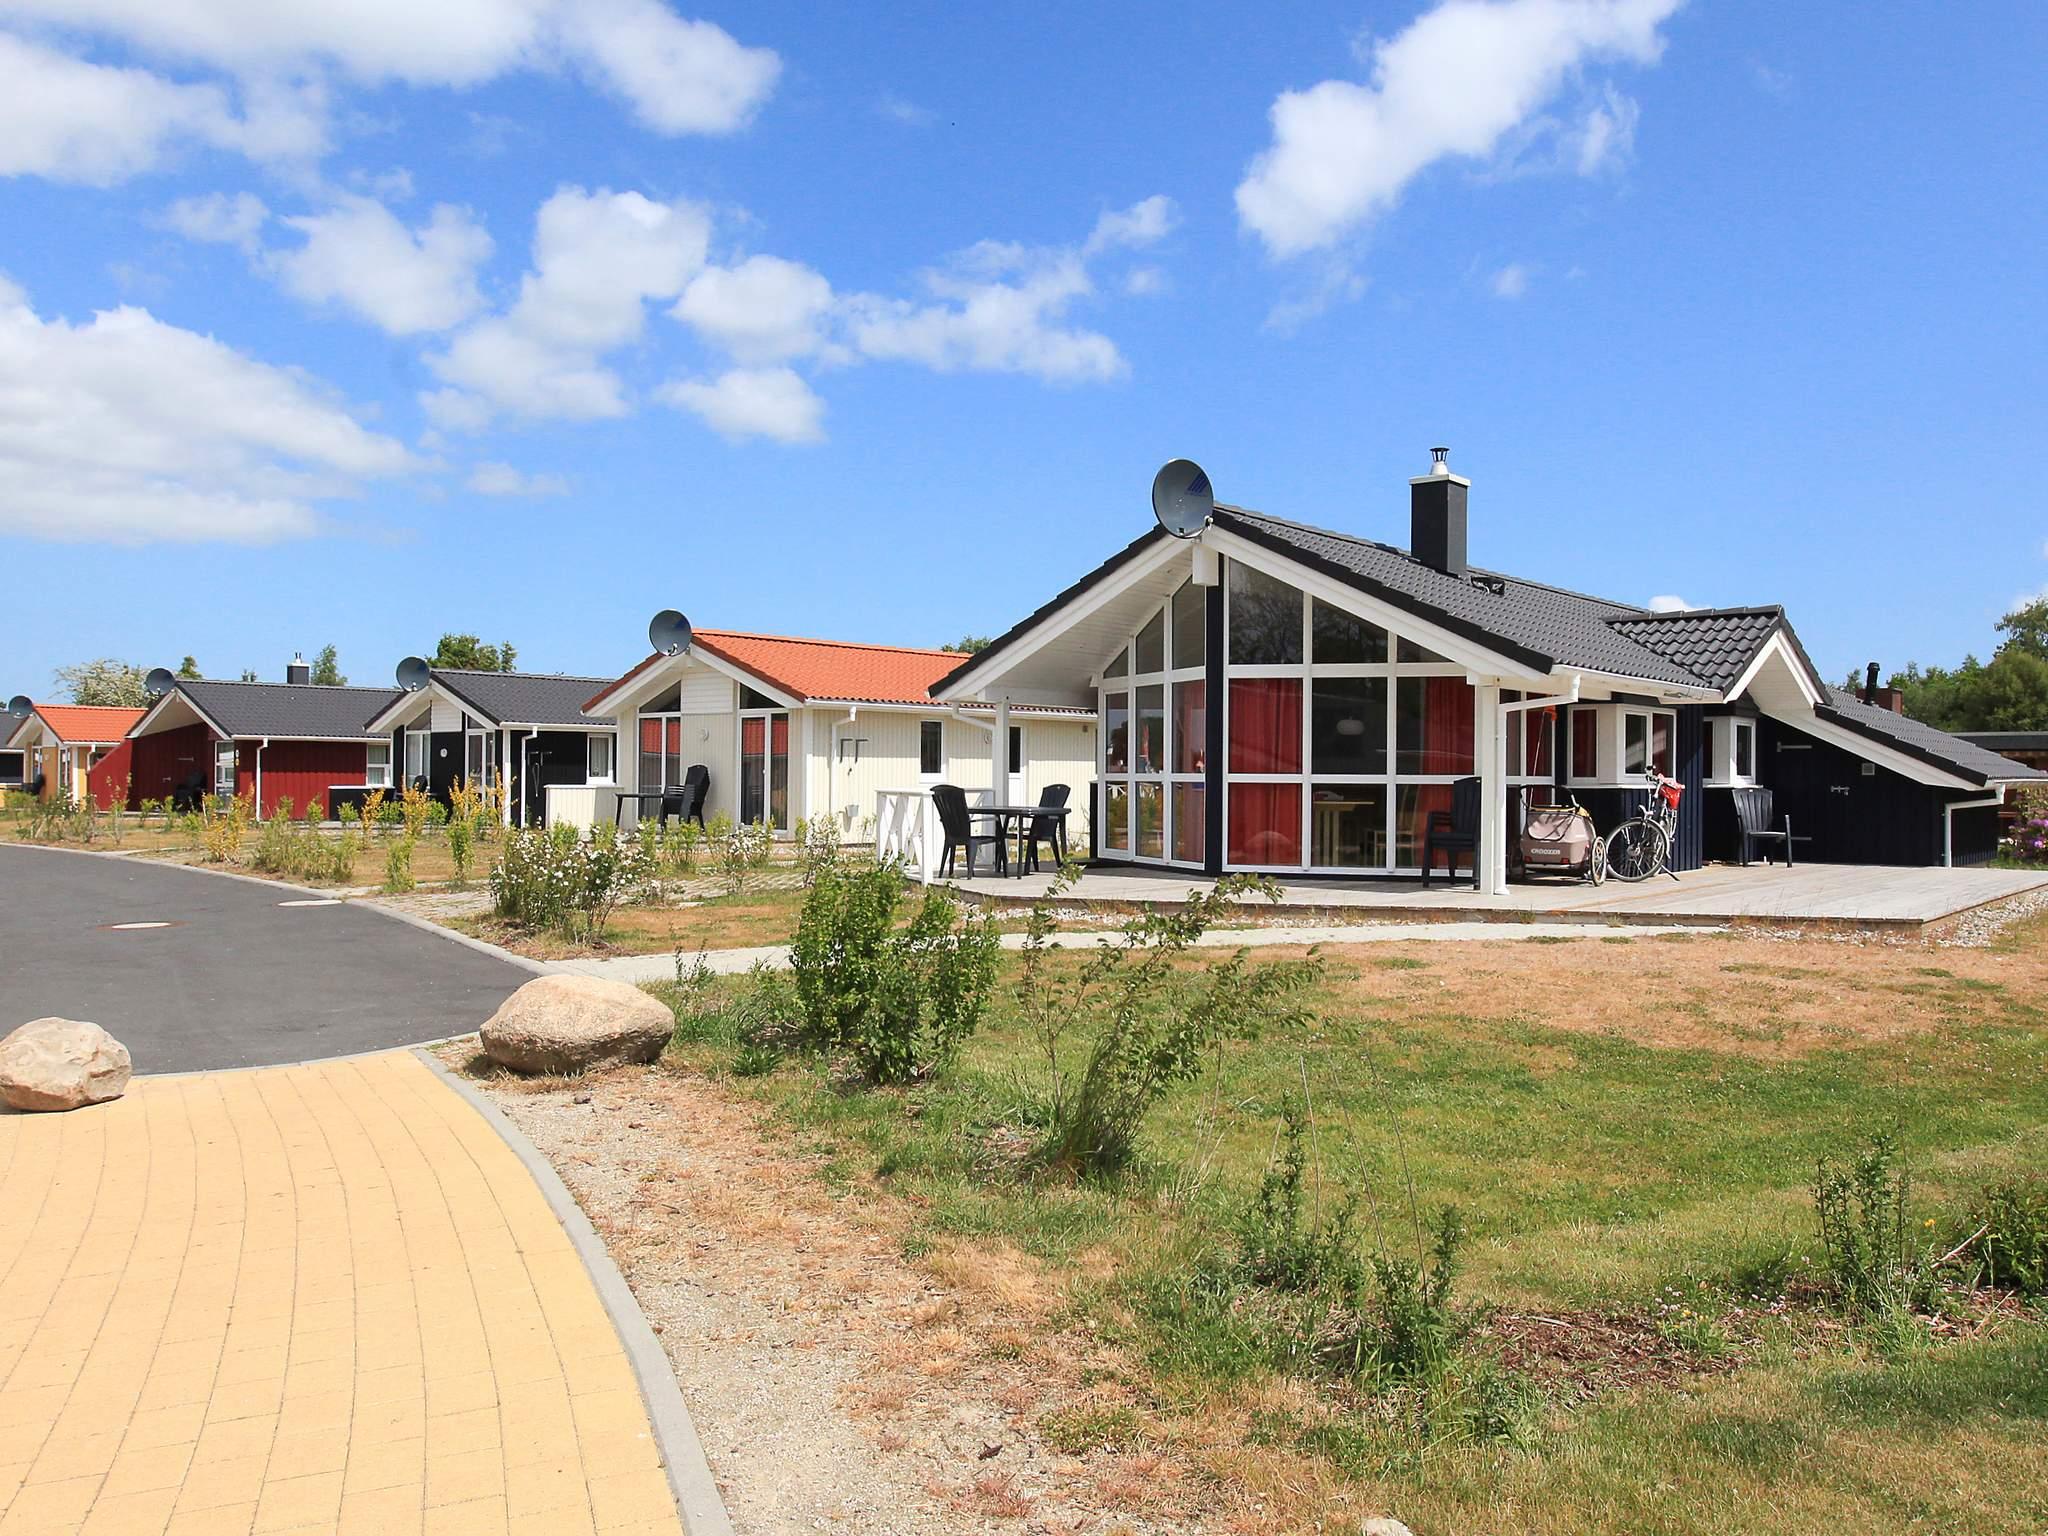 Maison de vacances Grömitz (433402), Grömitz, Baie de Lübeck, Schleswig-Holstein, Allemagne, image 10